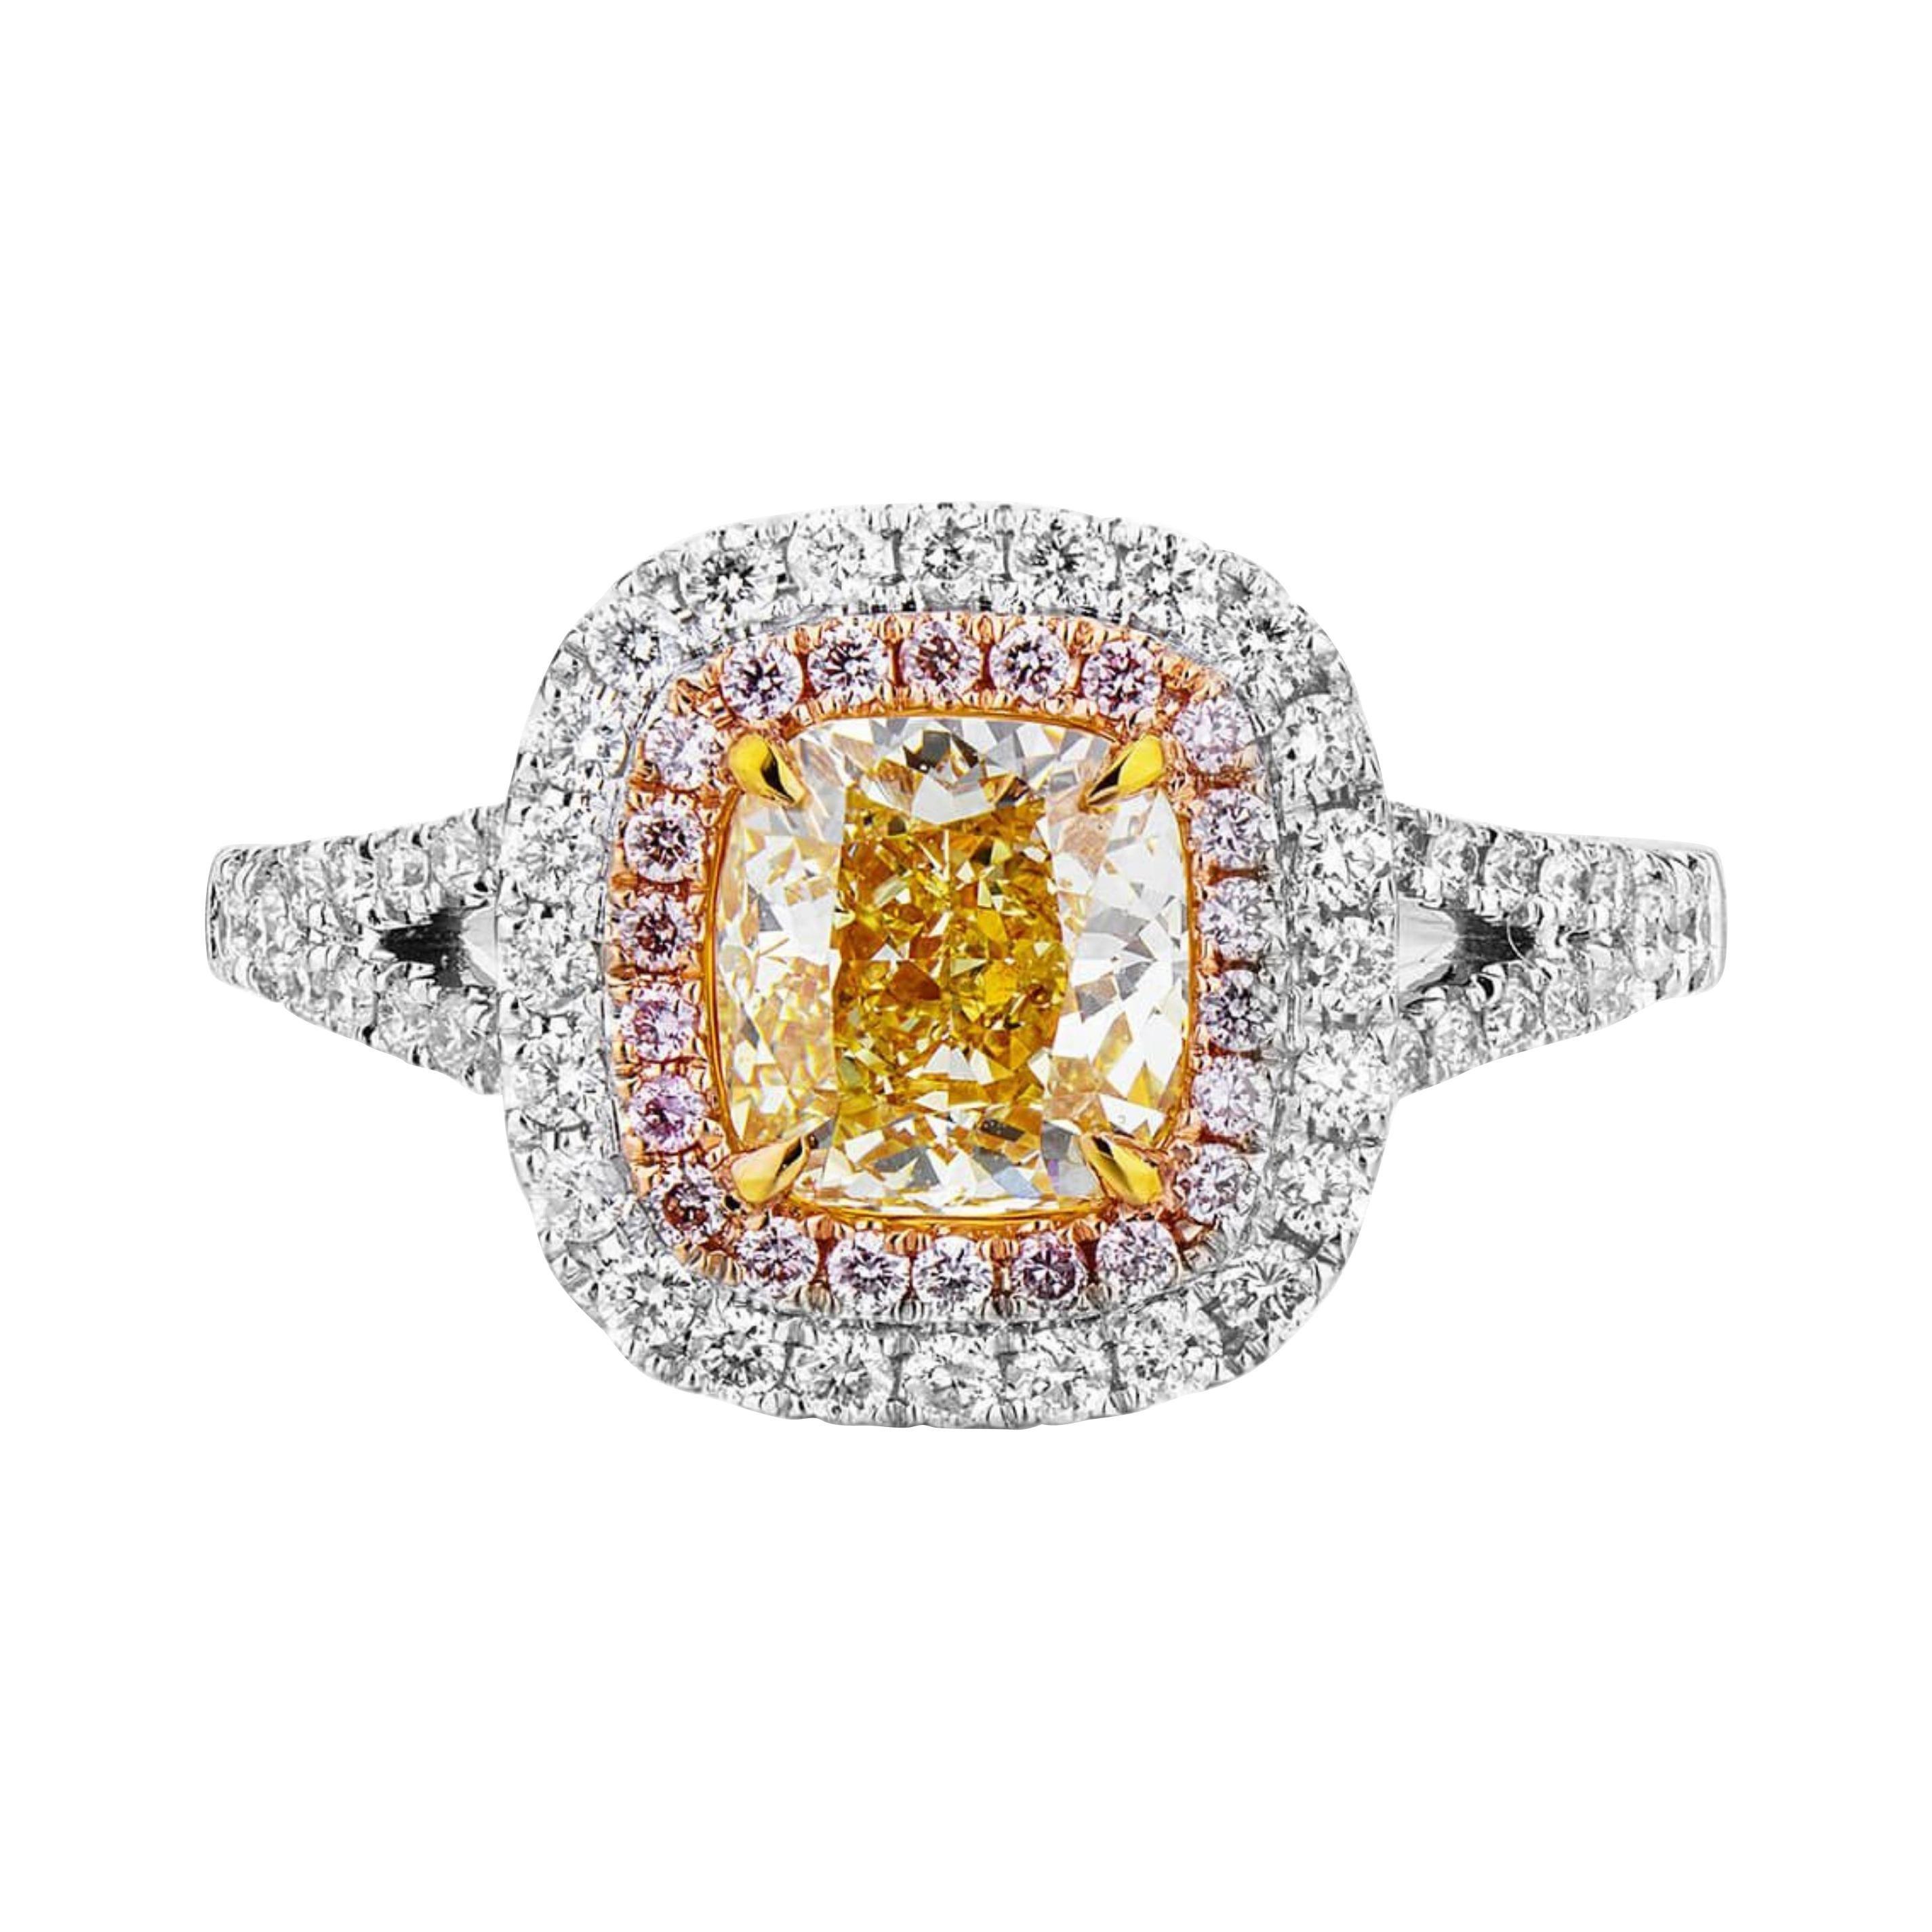 Fancy Yellow Pink Diamond Ring 18 Karat White Gold